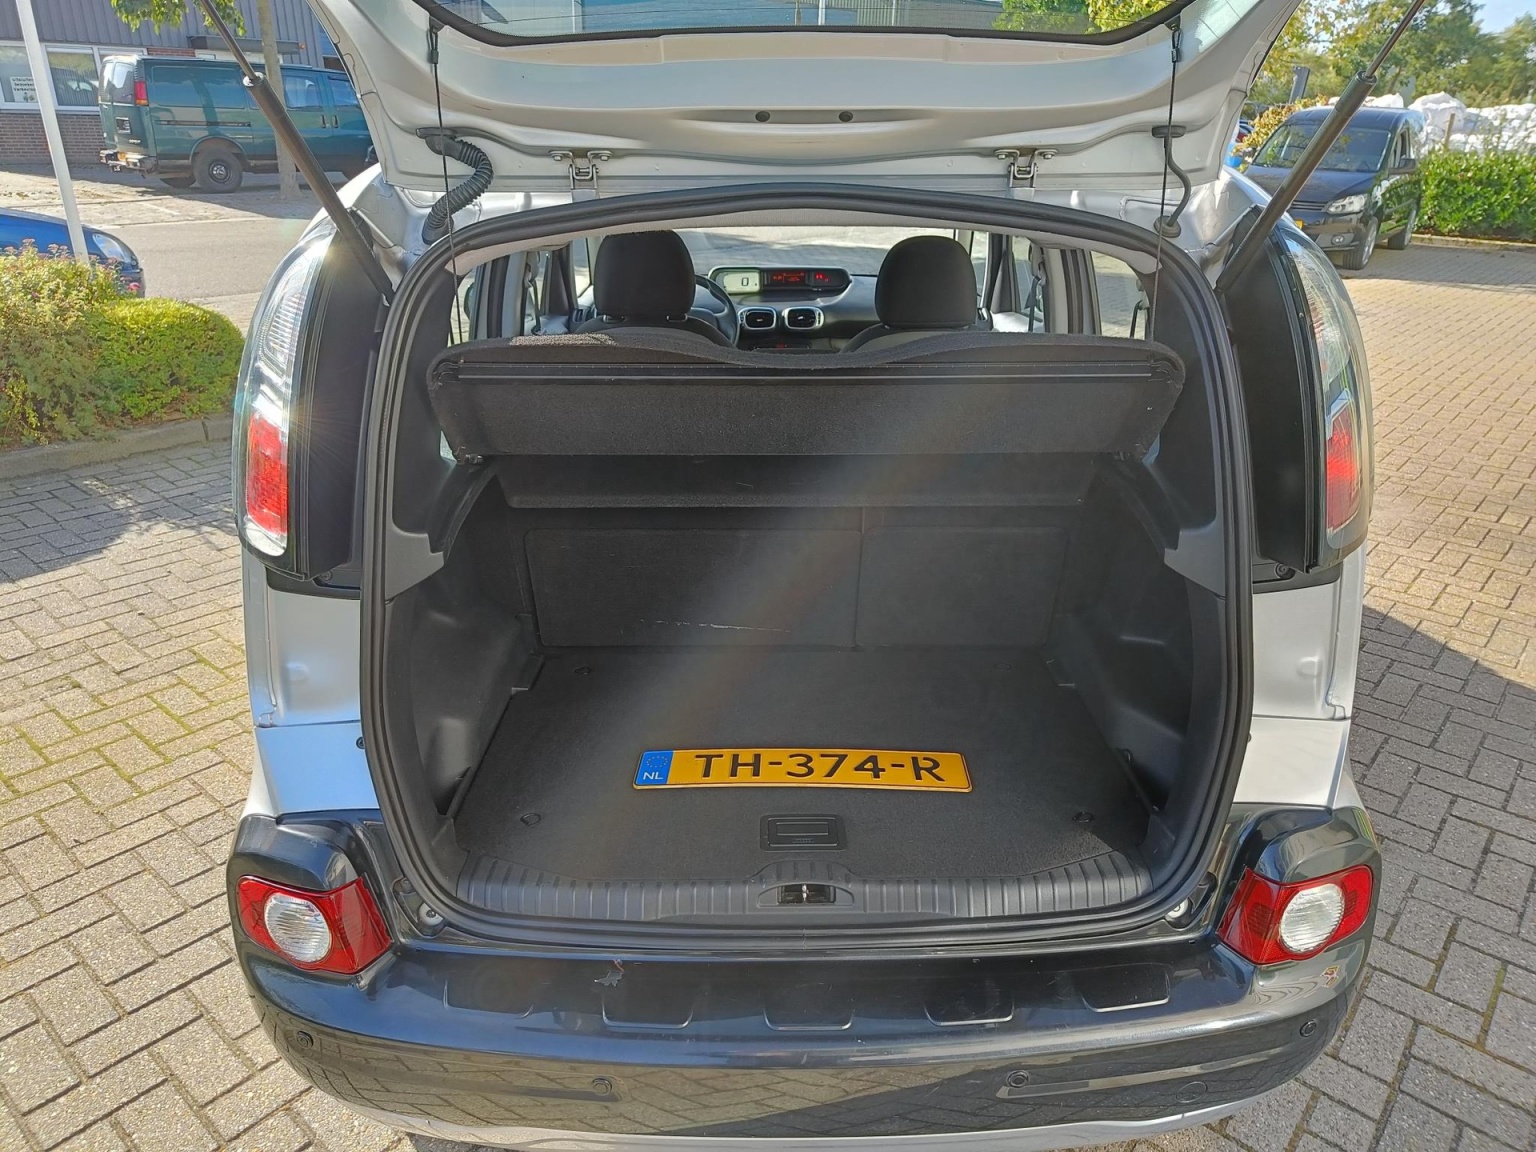 Citroën-C3 Picasso-10